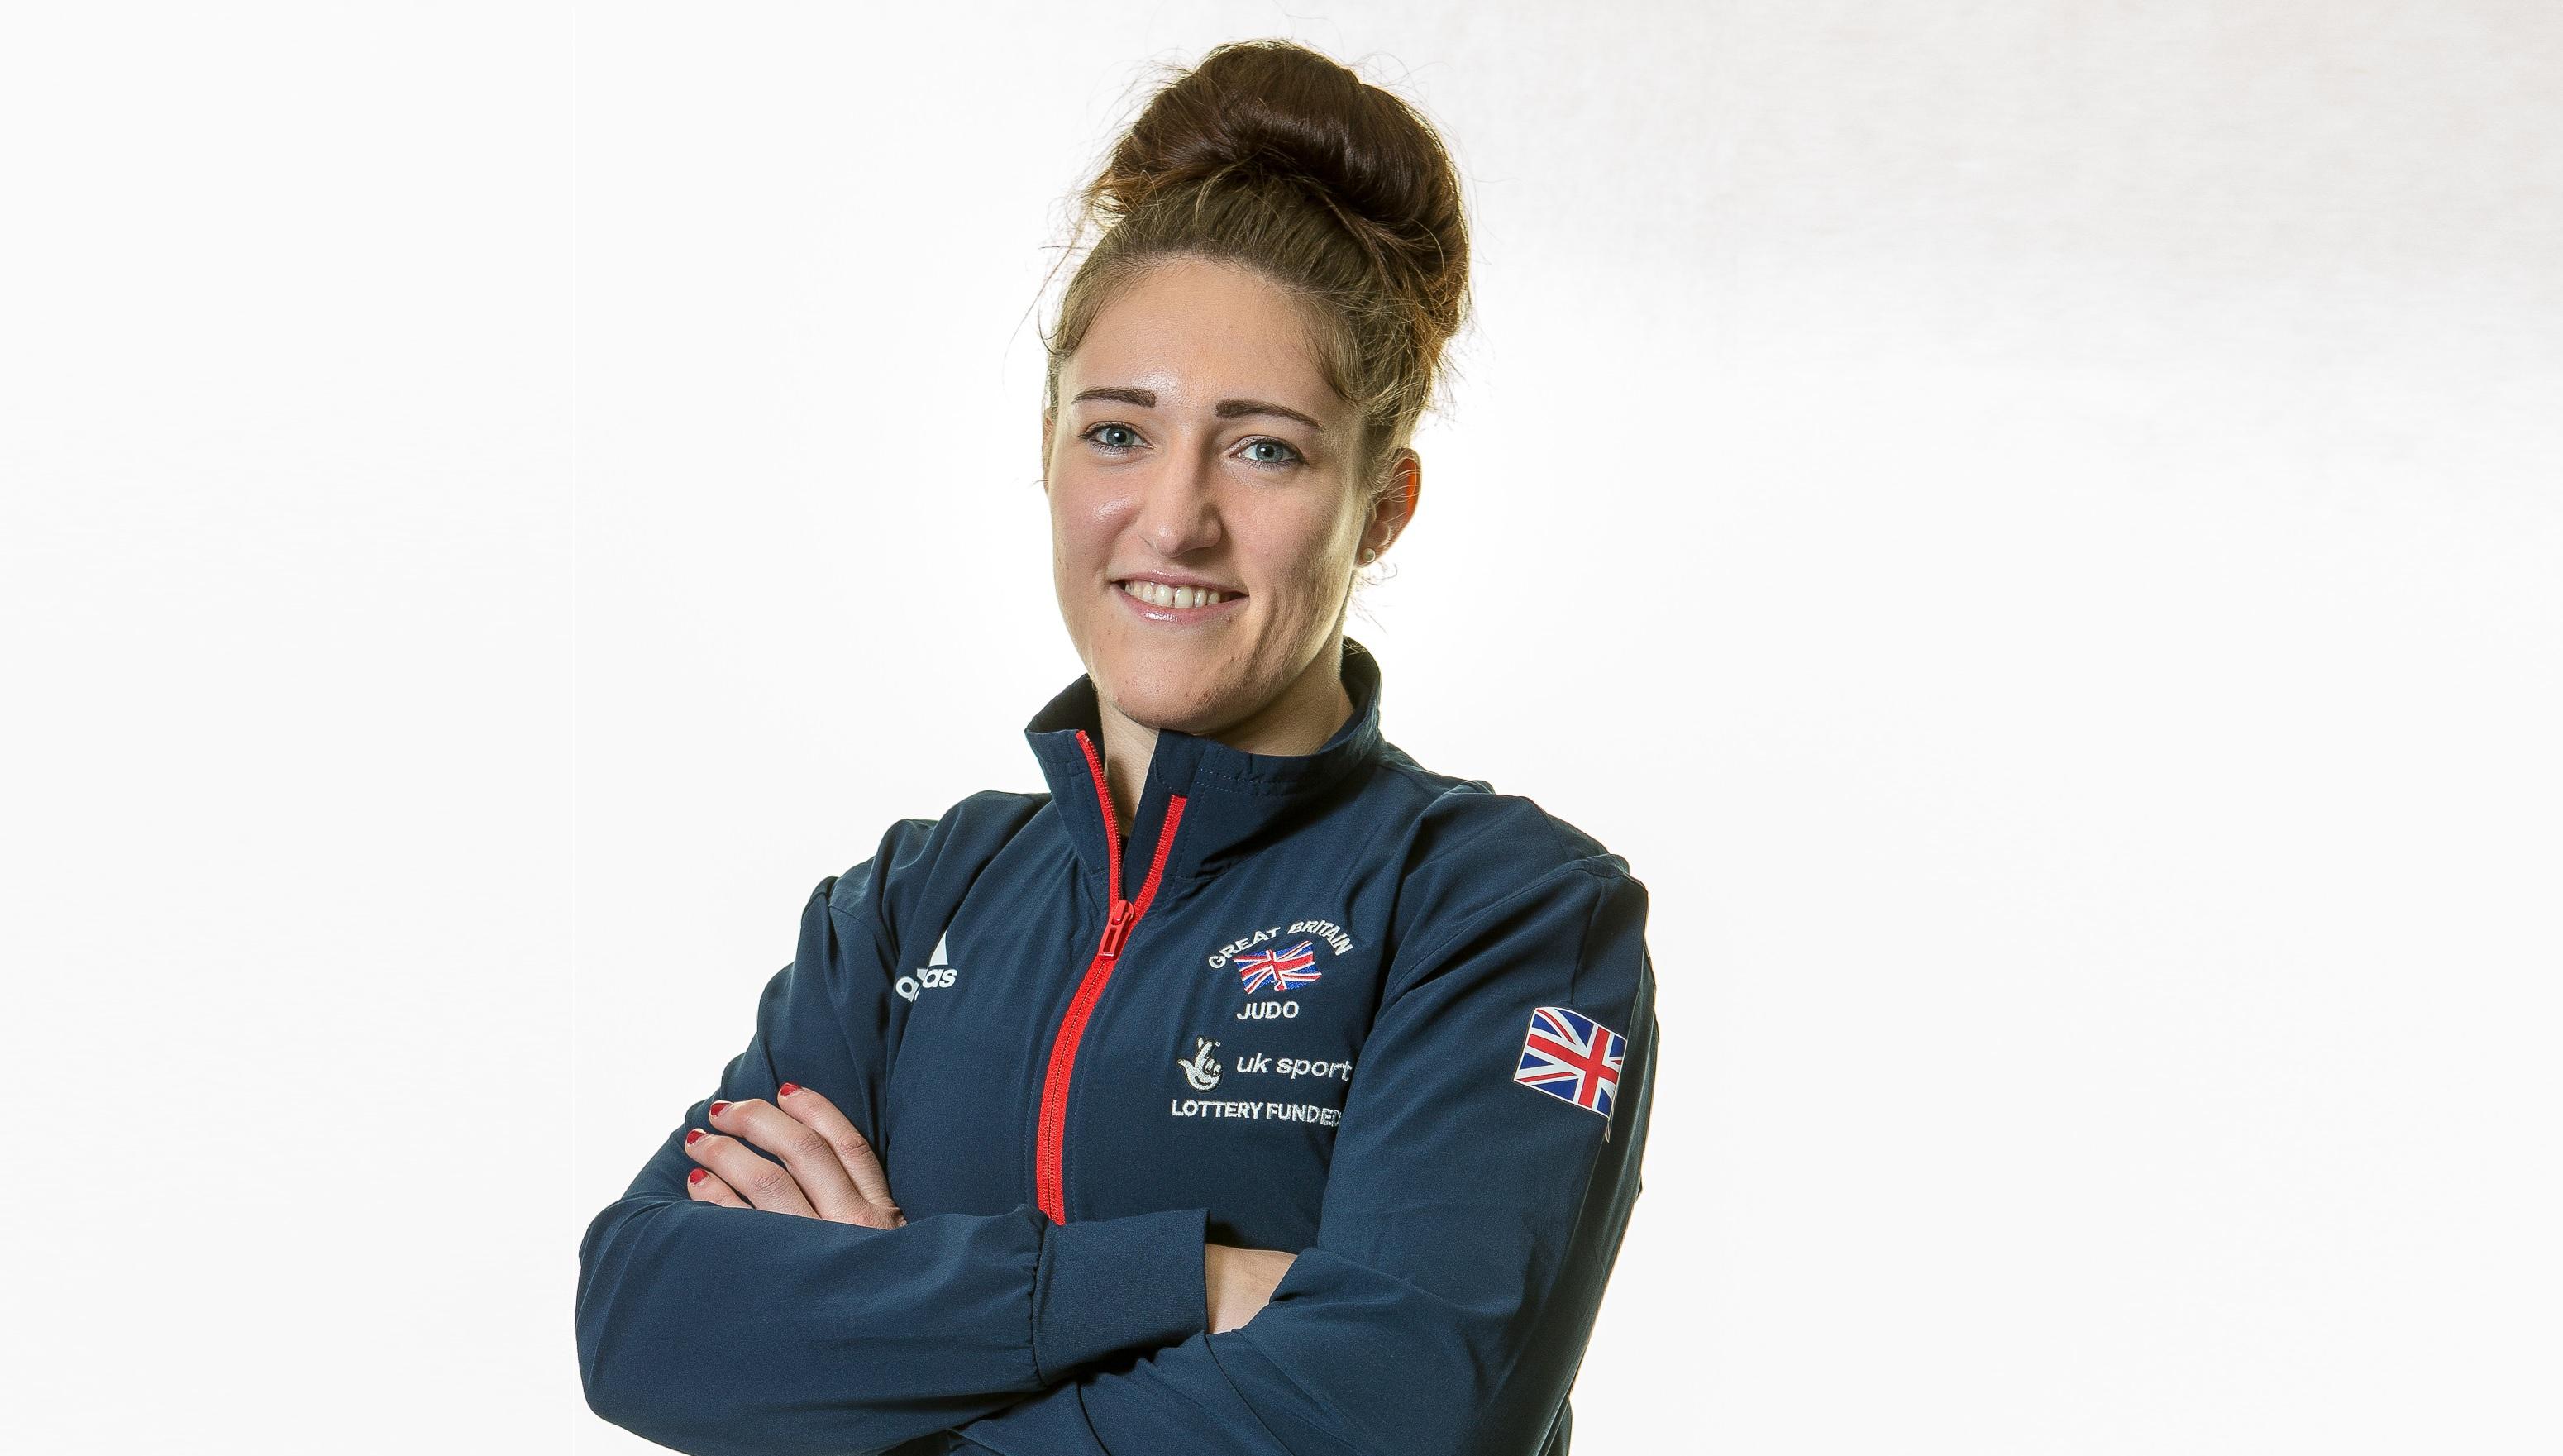 Natalie Powell - British Judo